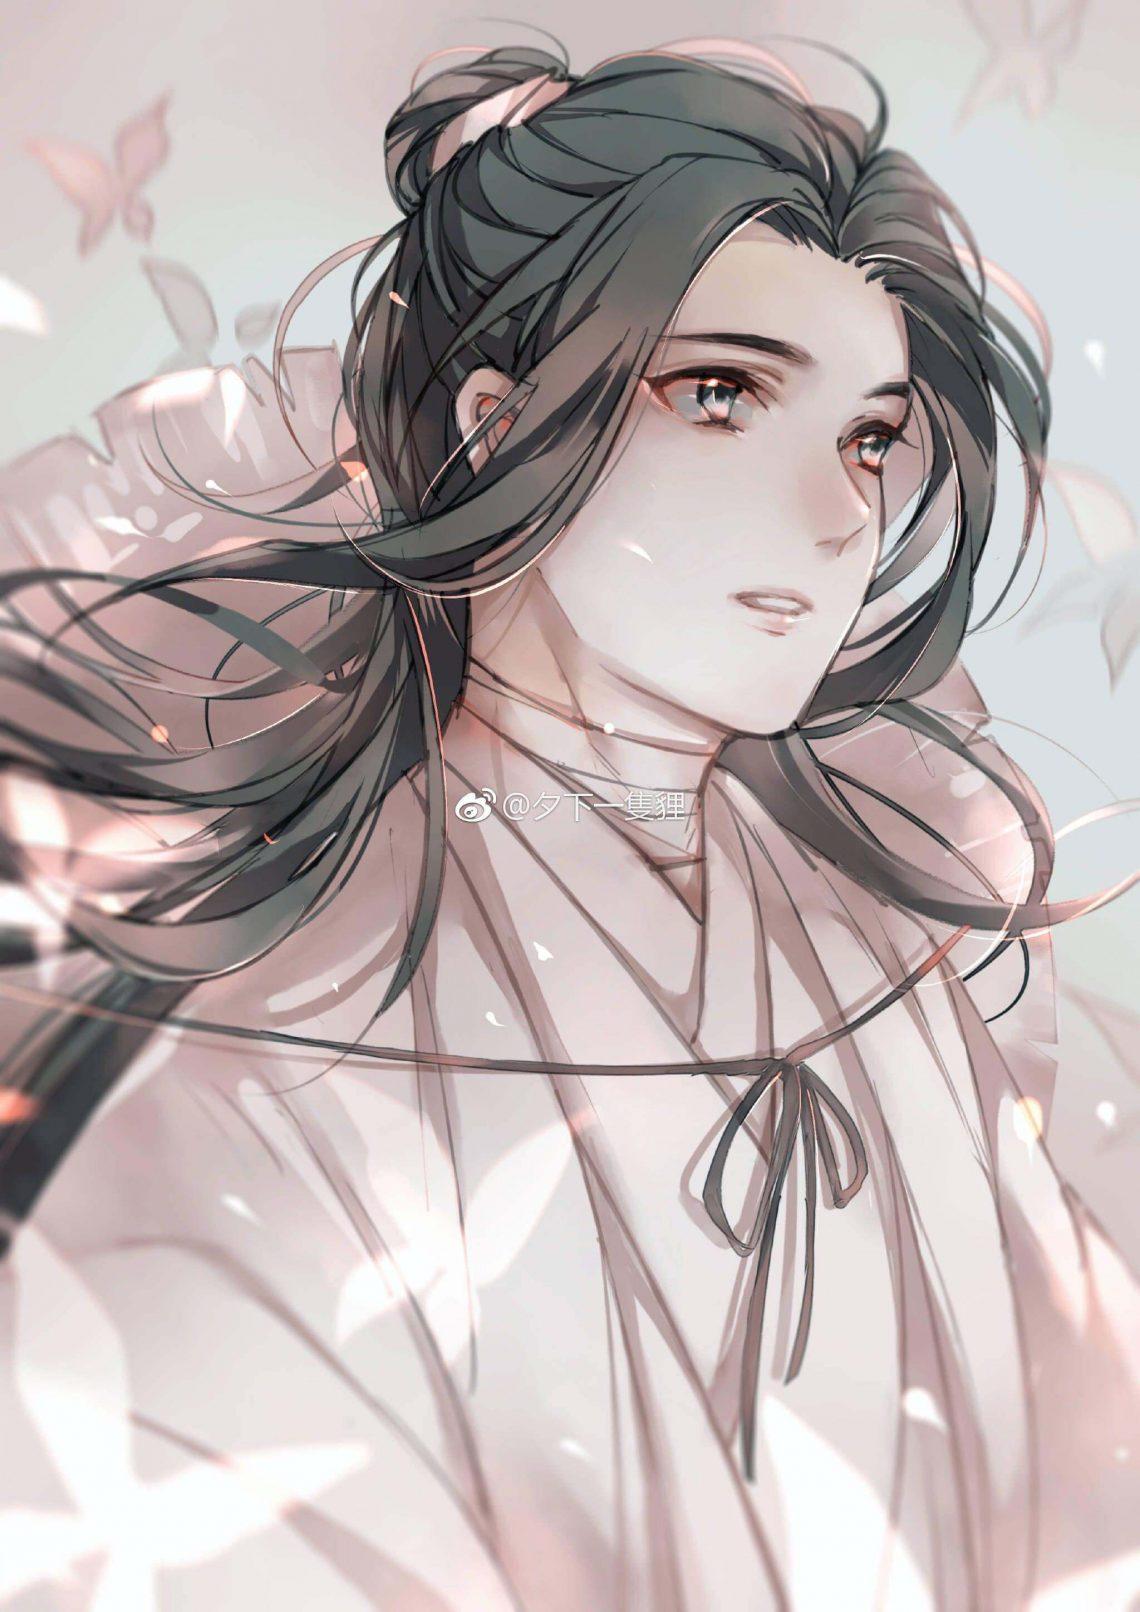 Ảnh anime cổ trang đẹp